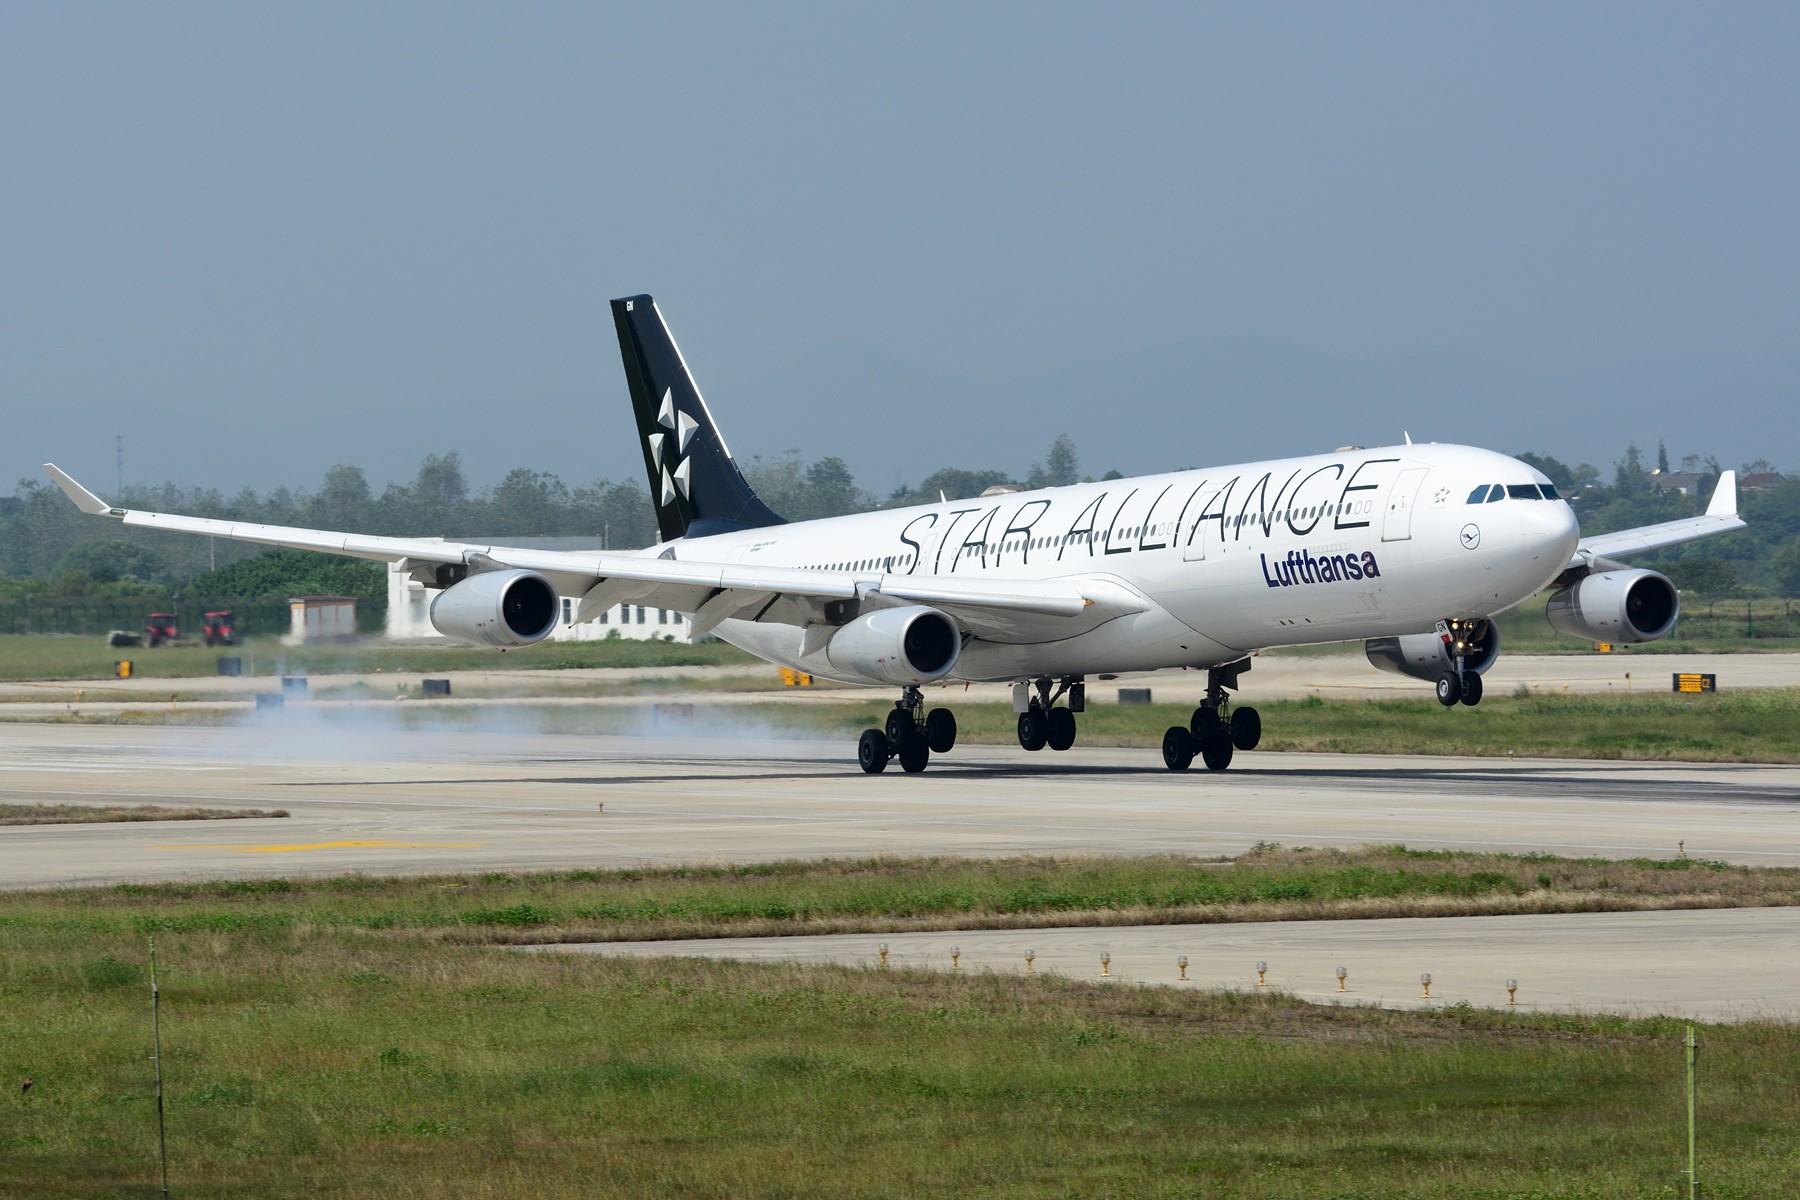 [原创]【NKG】初探NKG 07头,结果很给面子地来了两架大猩猩 AIRBUS A340-300 D-AIGN 中国南京禄口国际机场